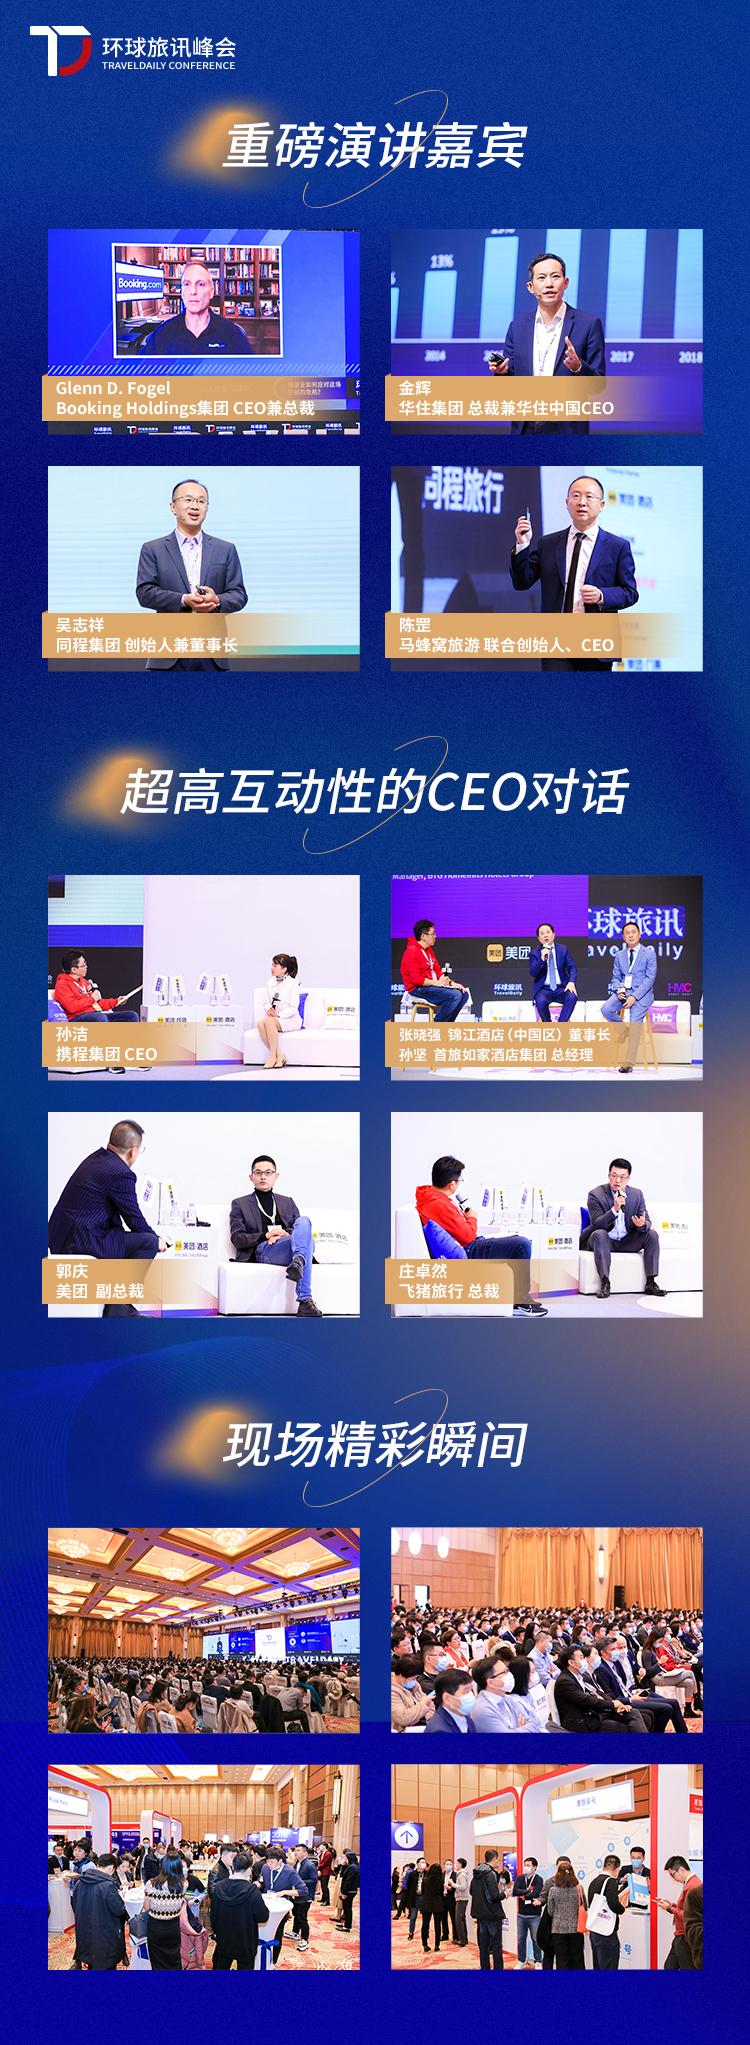 2021 环球旅讯峰会 & 数字旅游展